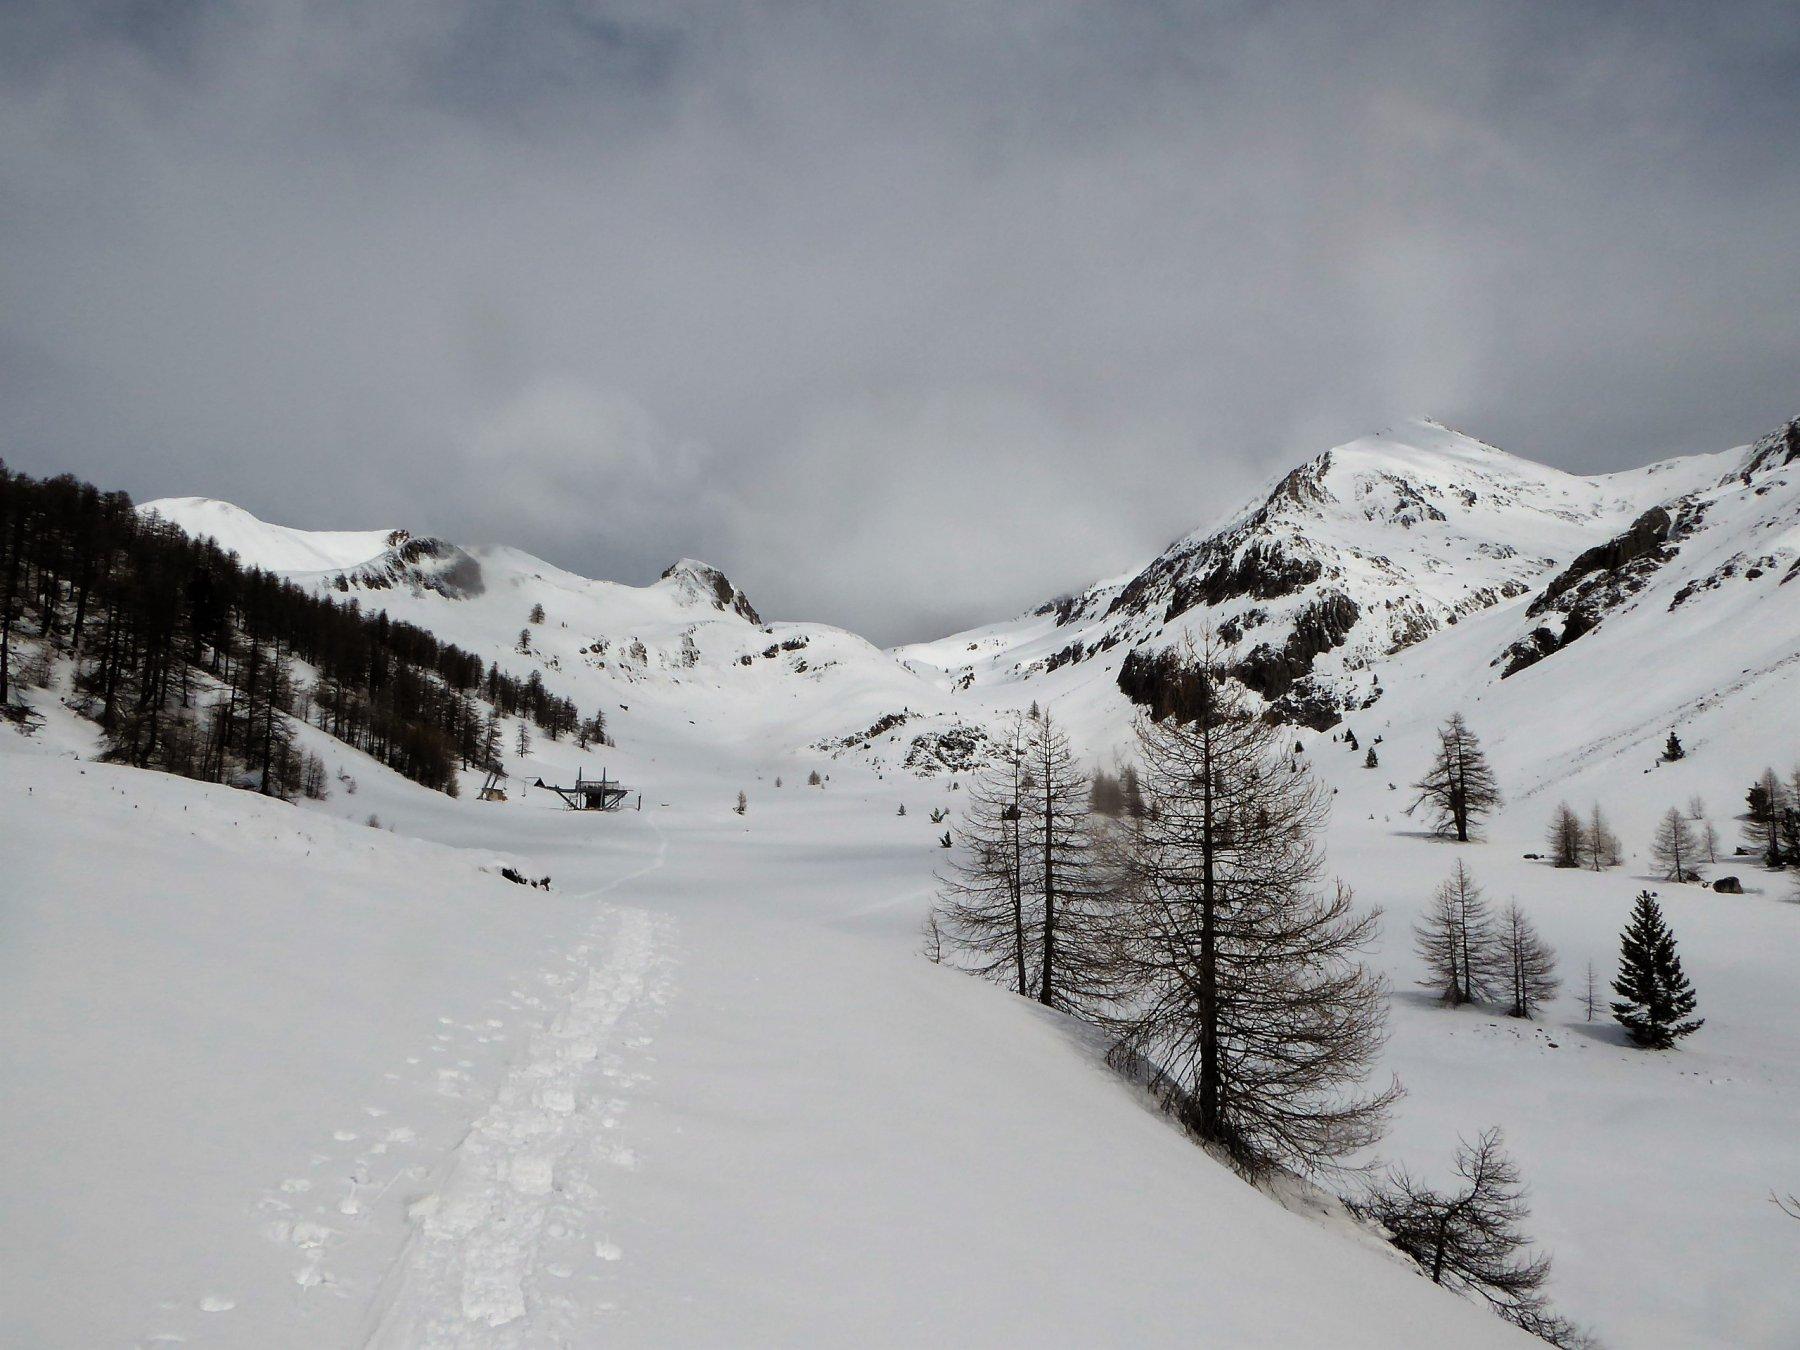 il pianoro con la partenza della seggiovia Rocher Rouge, in fondo il Col de Trois Freres Mineurs